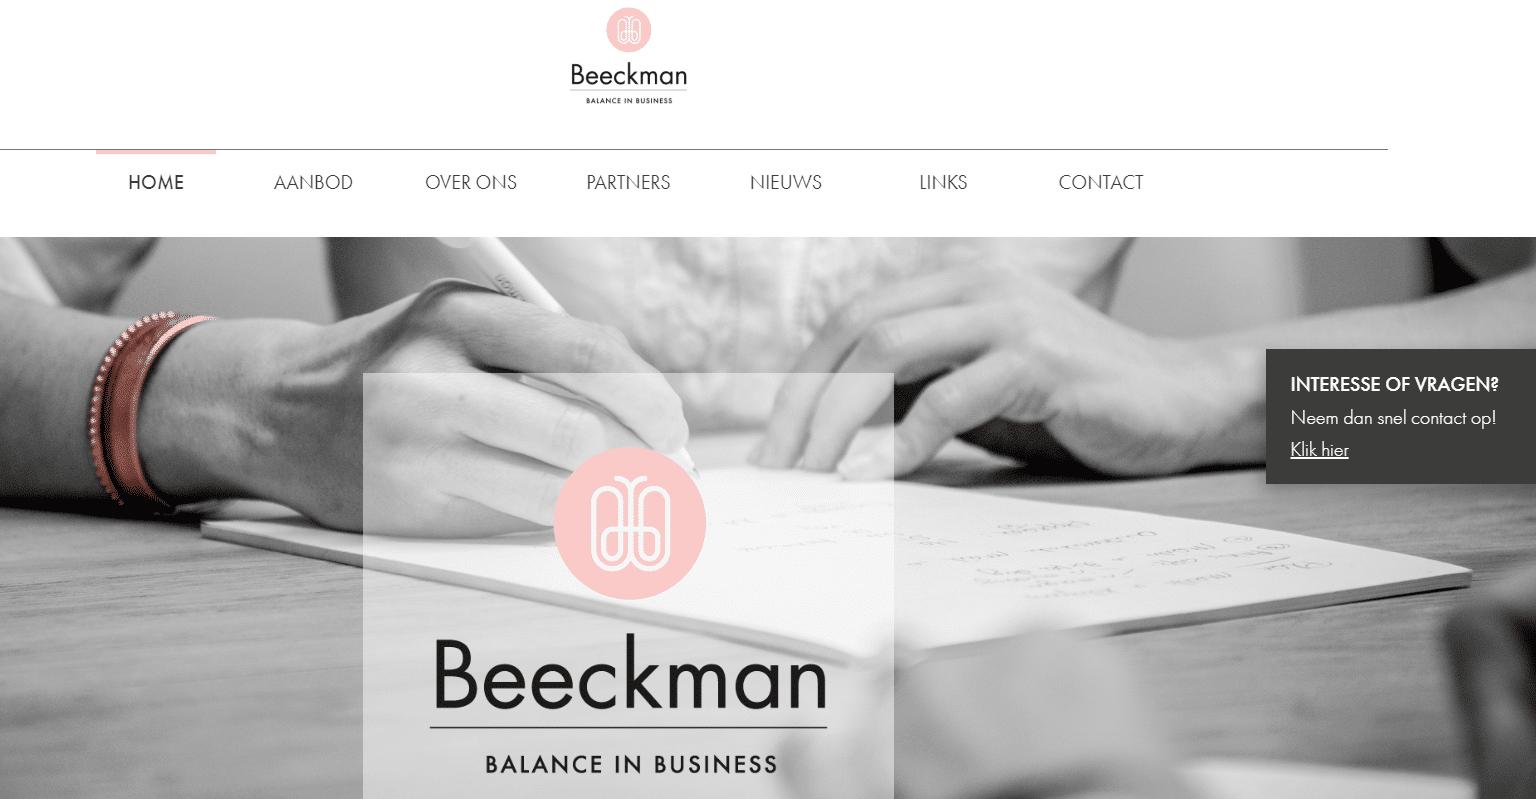 Balance in Business, nog een websiteproject van Copywriter Myriam Beeckman